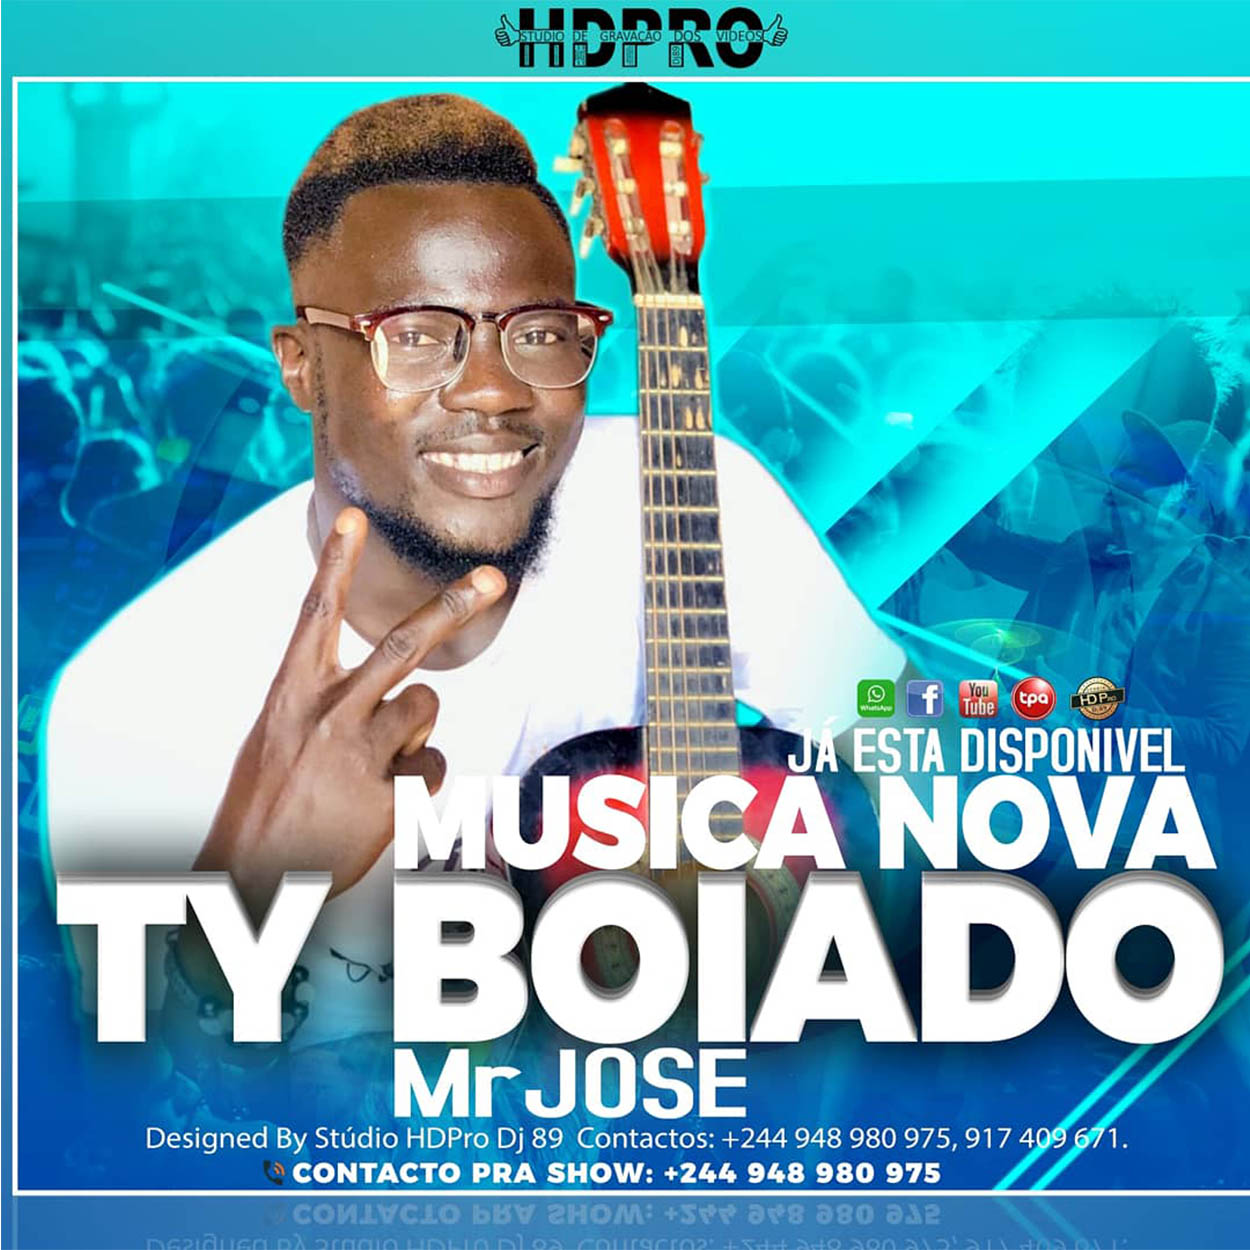 Mr José - Ty Boiado